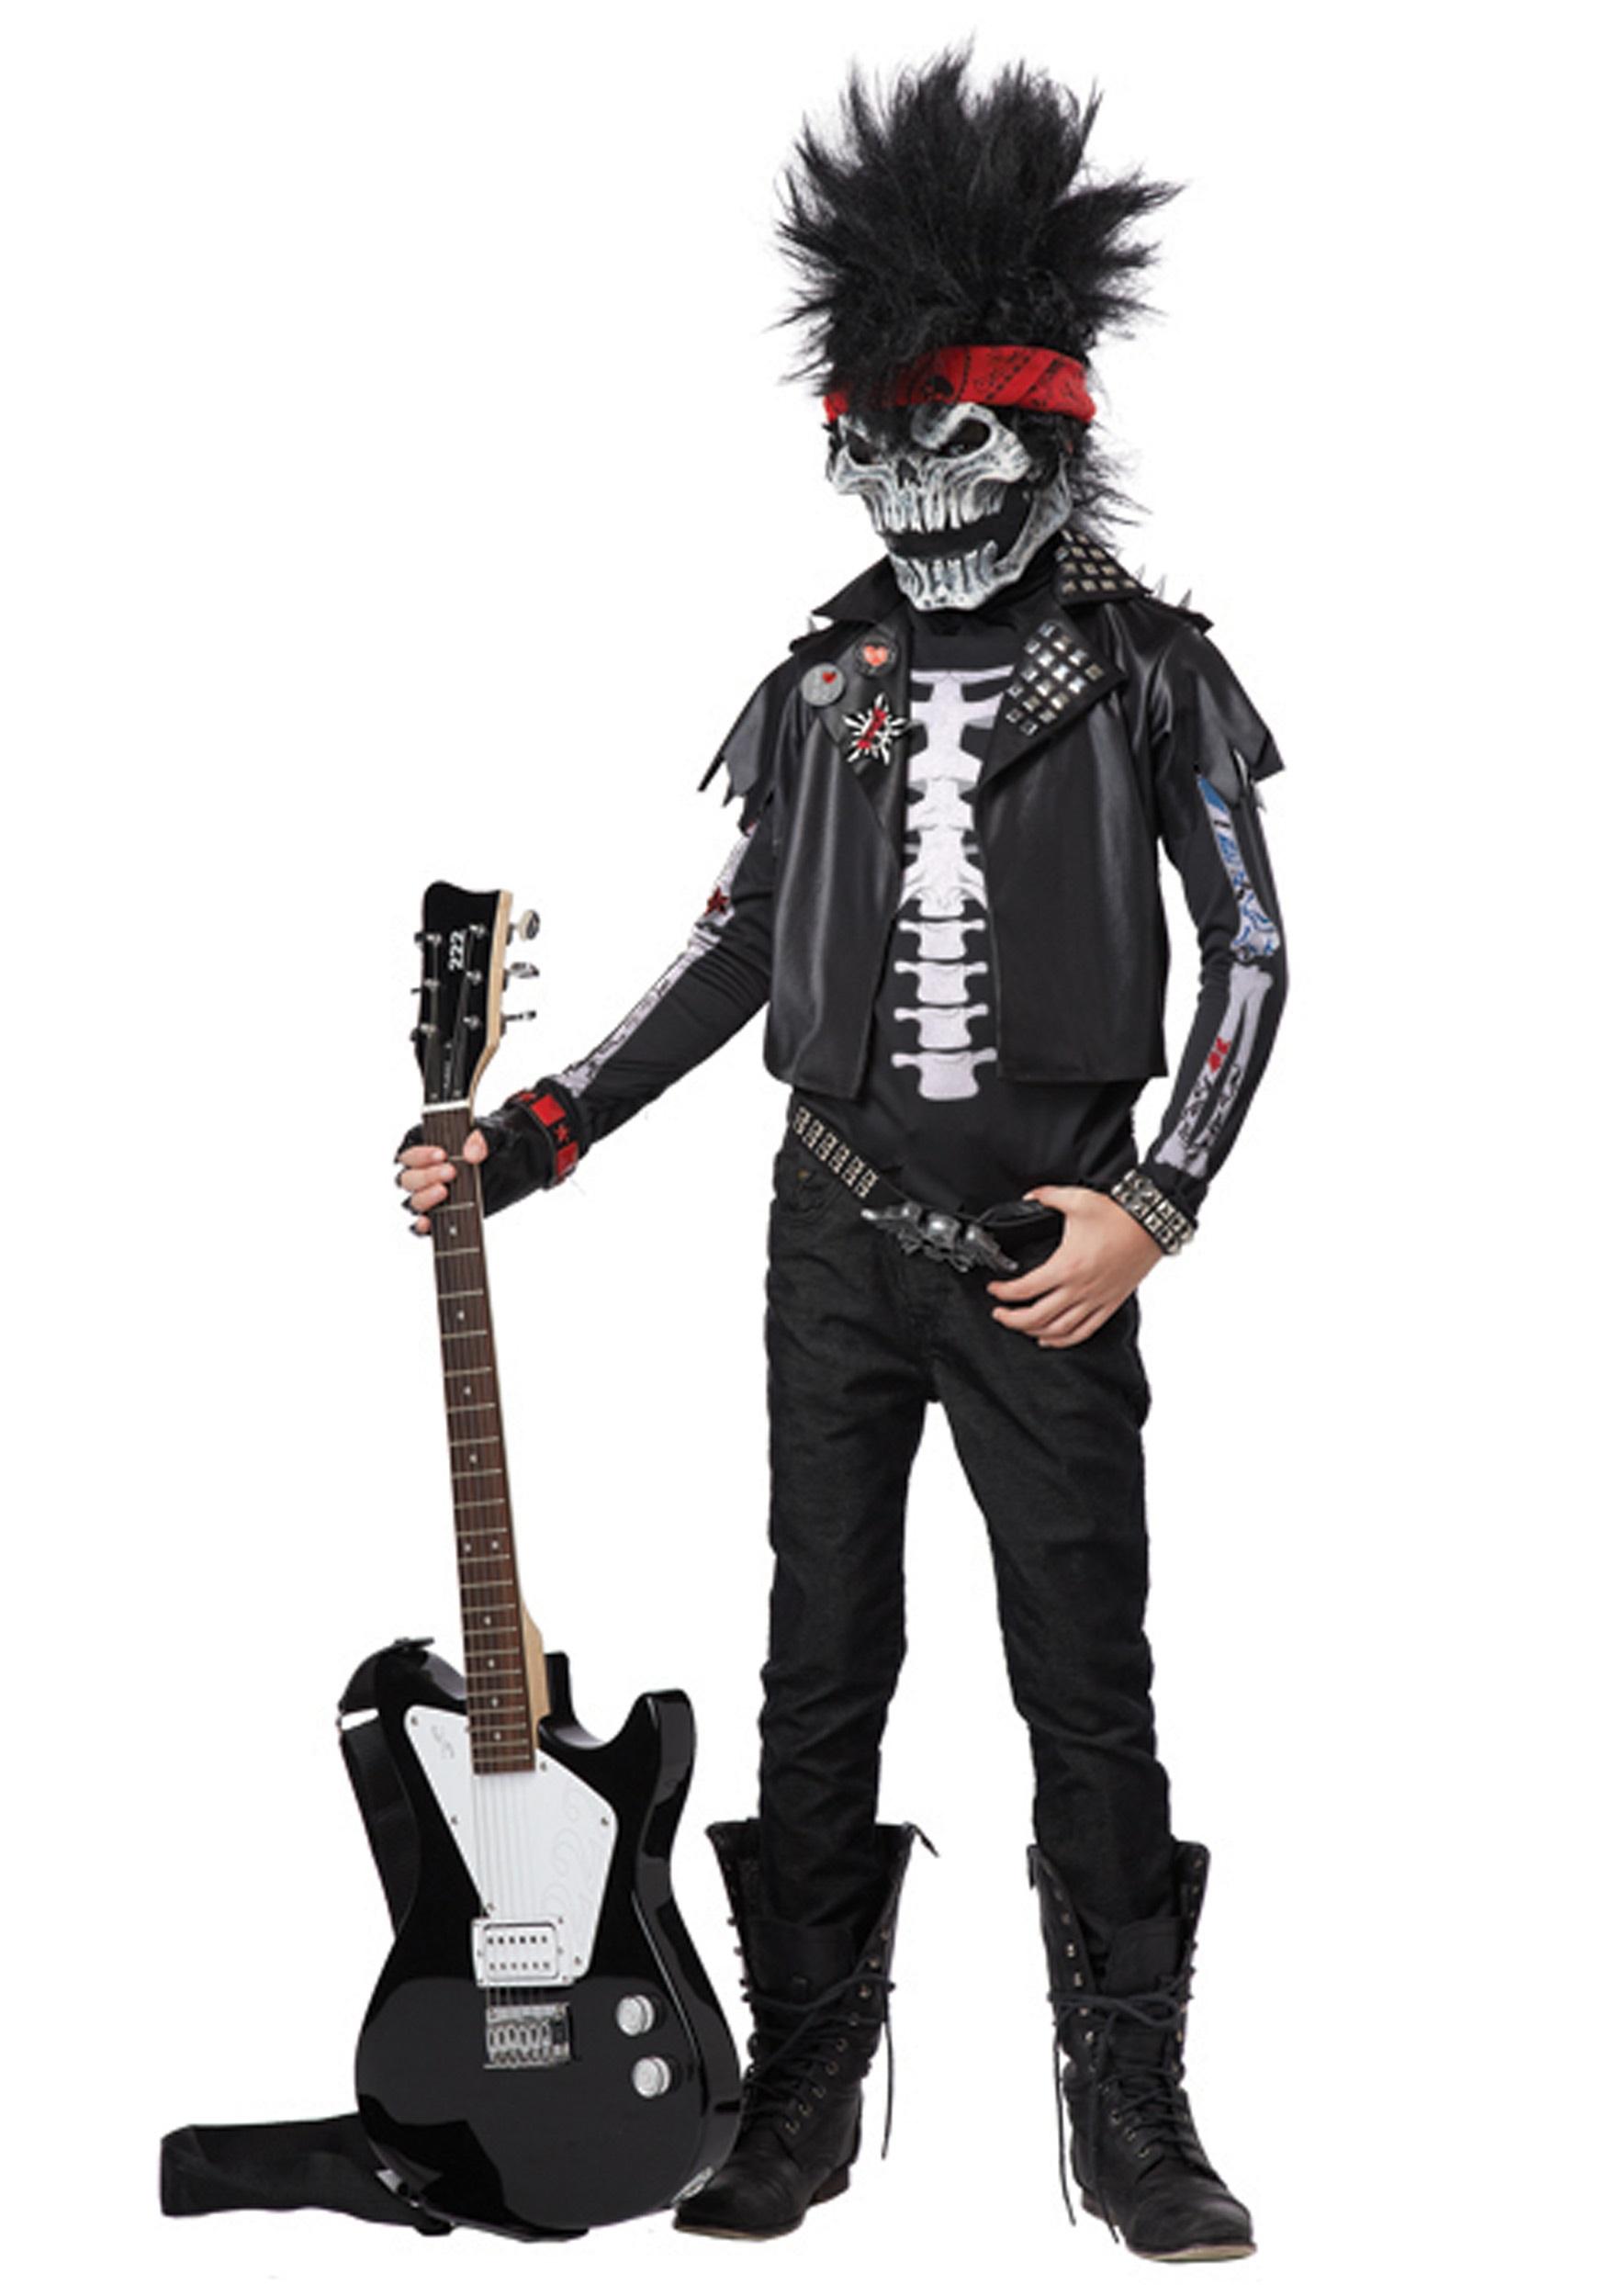 boys jason halloween costume skeleton costumes kids u0026 adults